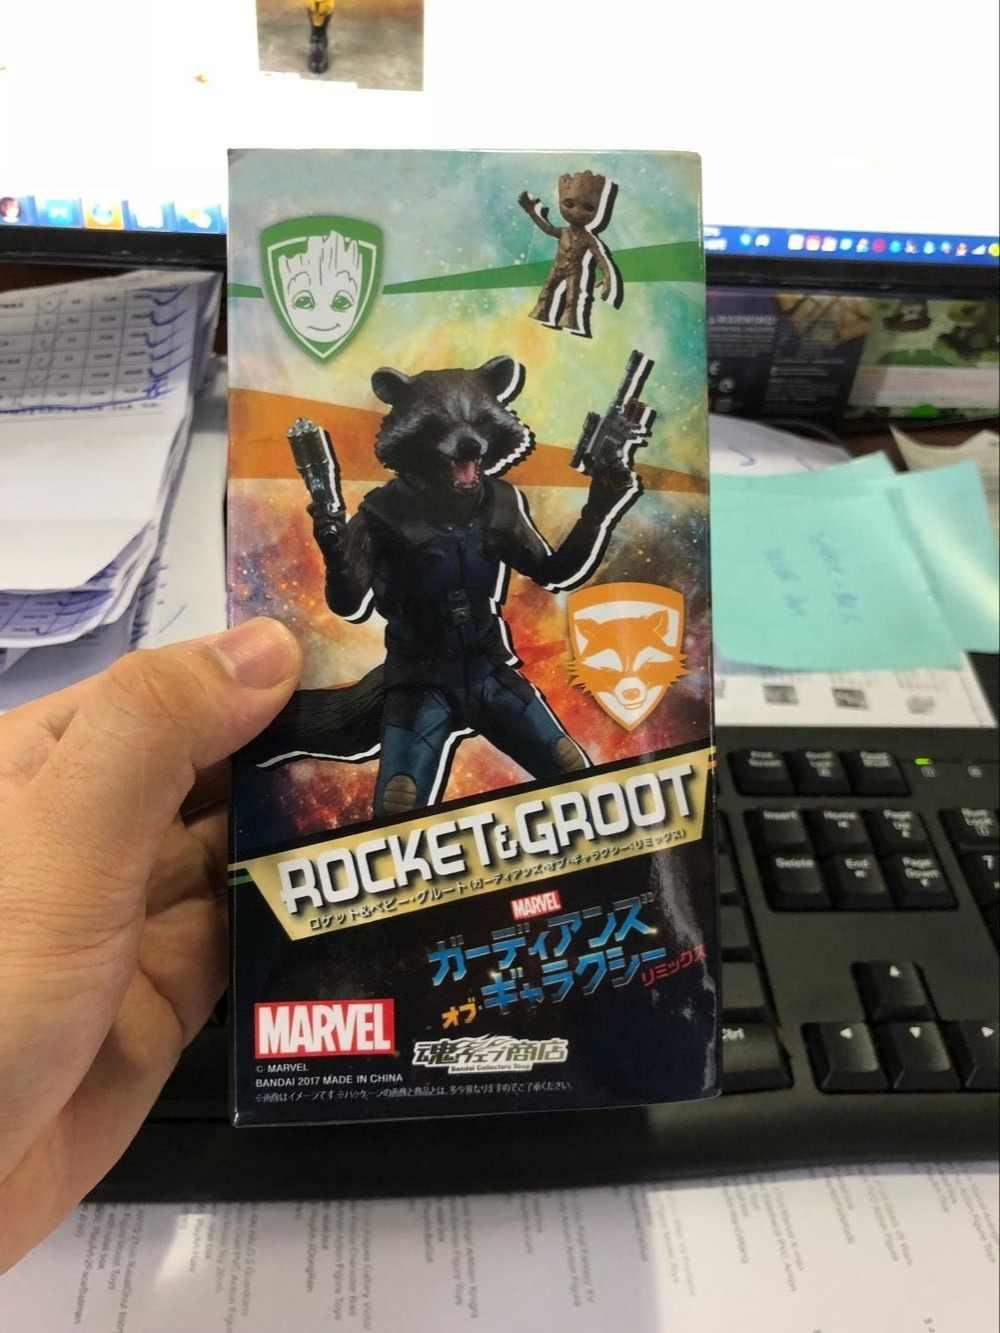 Guardiões da galáxia marvel avengers rocket raccoon & baby tree figuras de ação brinquedos para o aniversário de natal